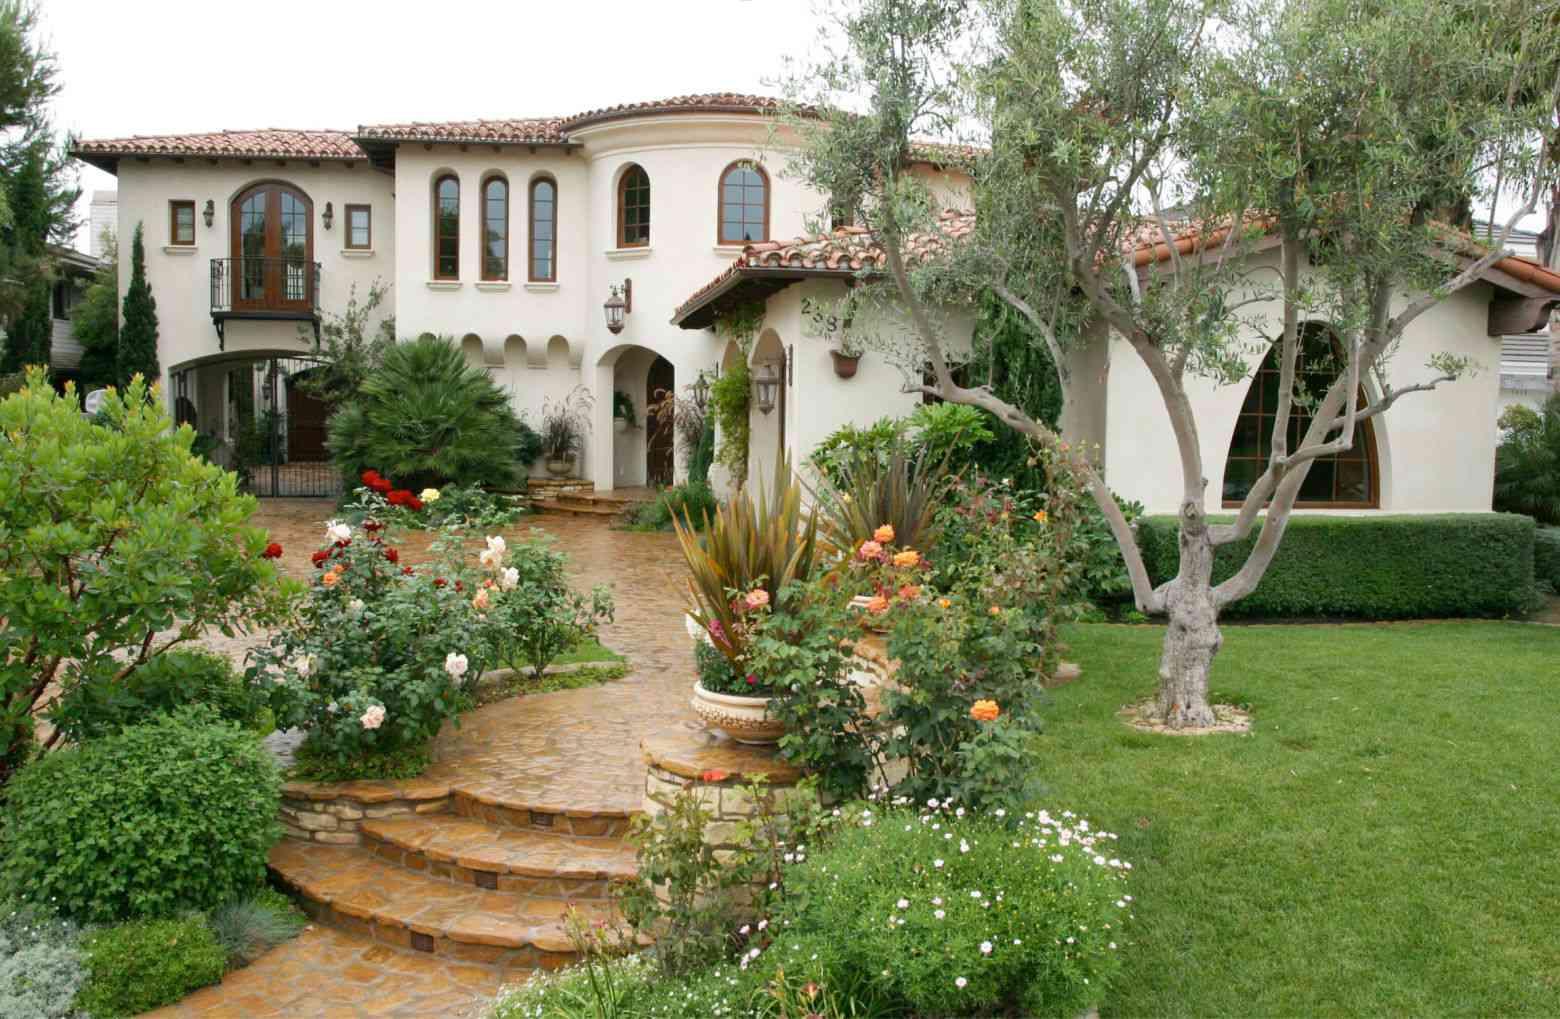 Orange County Mission Influence mediterranean home design